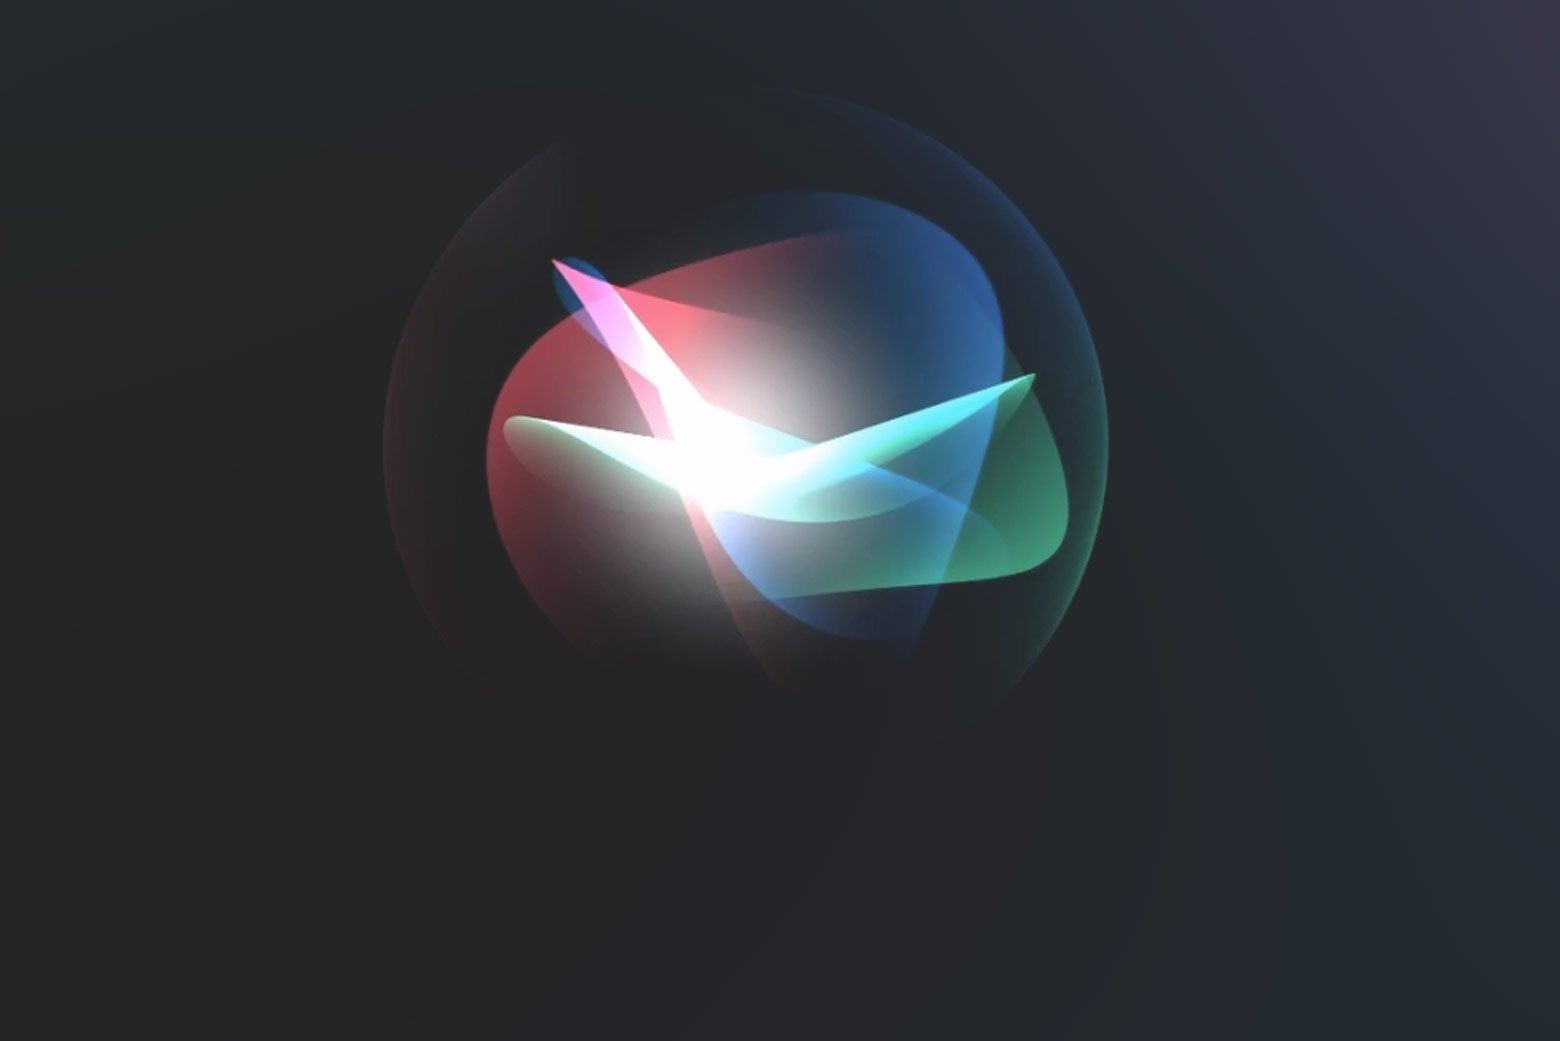 The Siri icon.